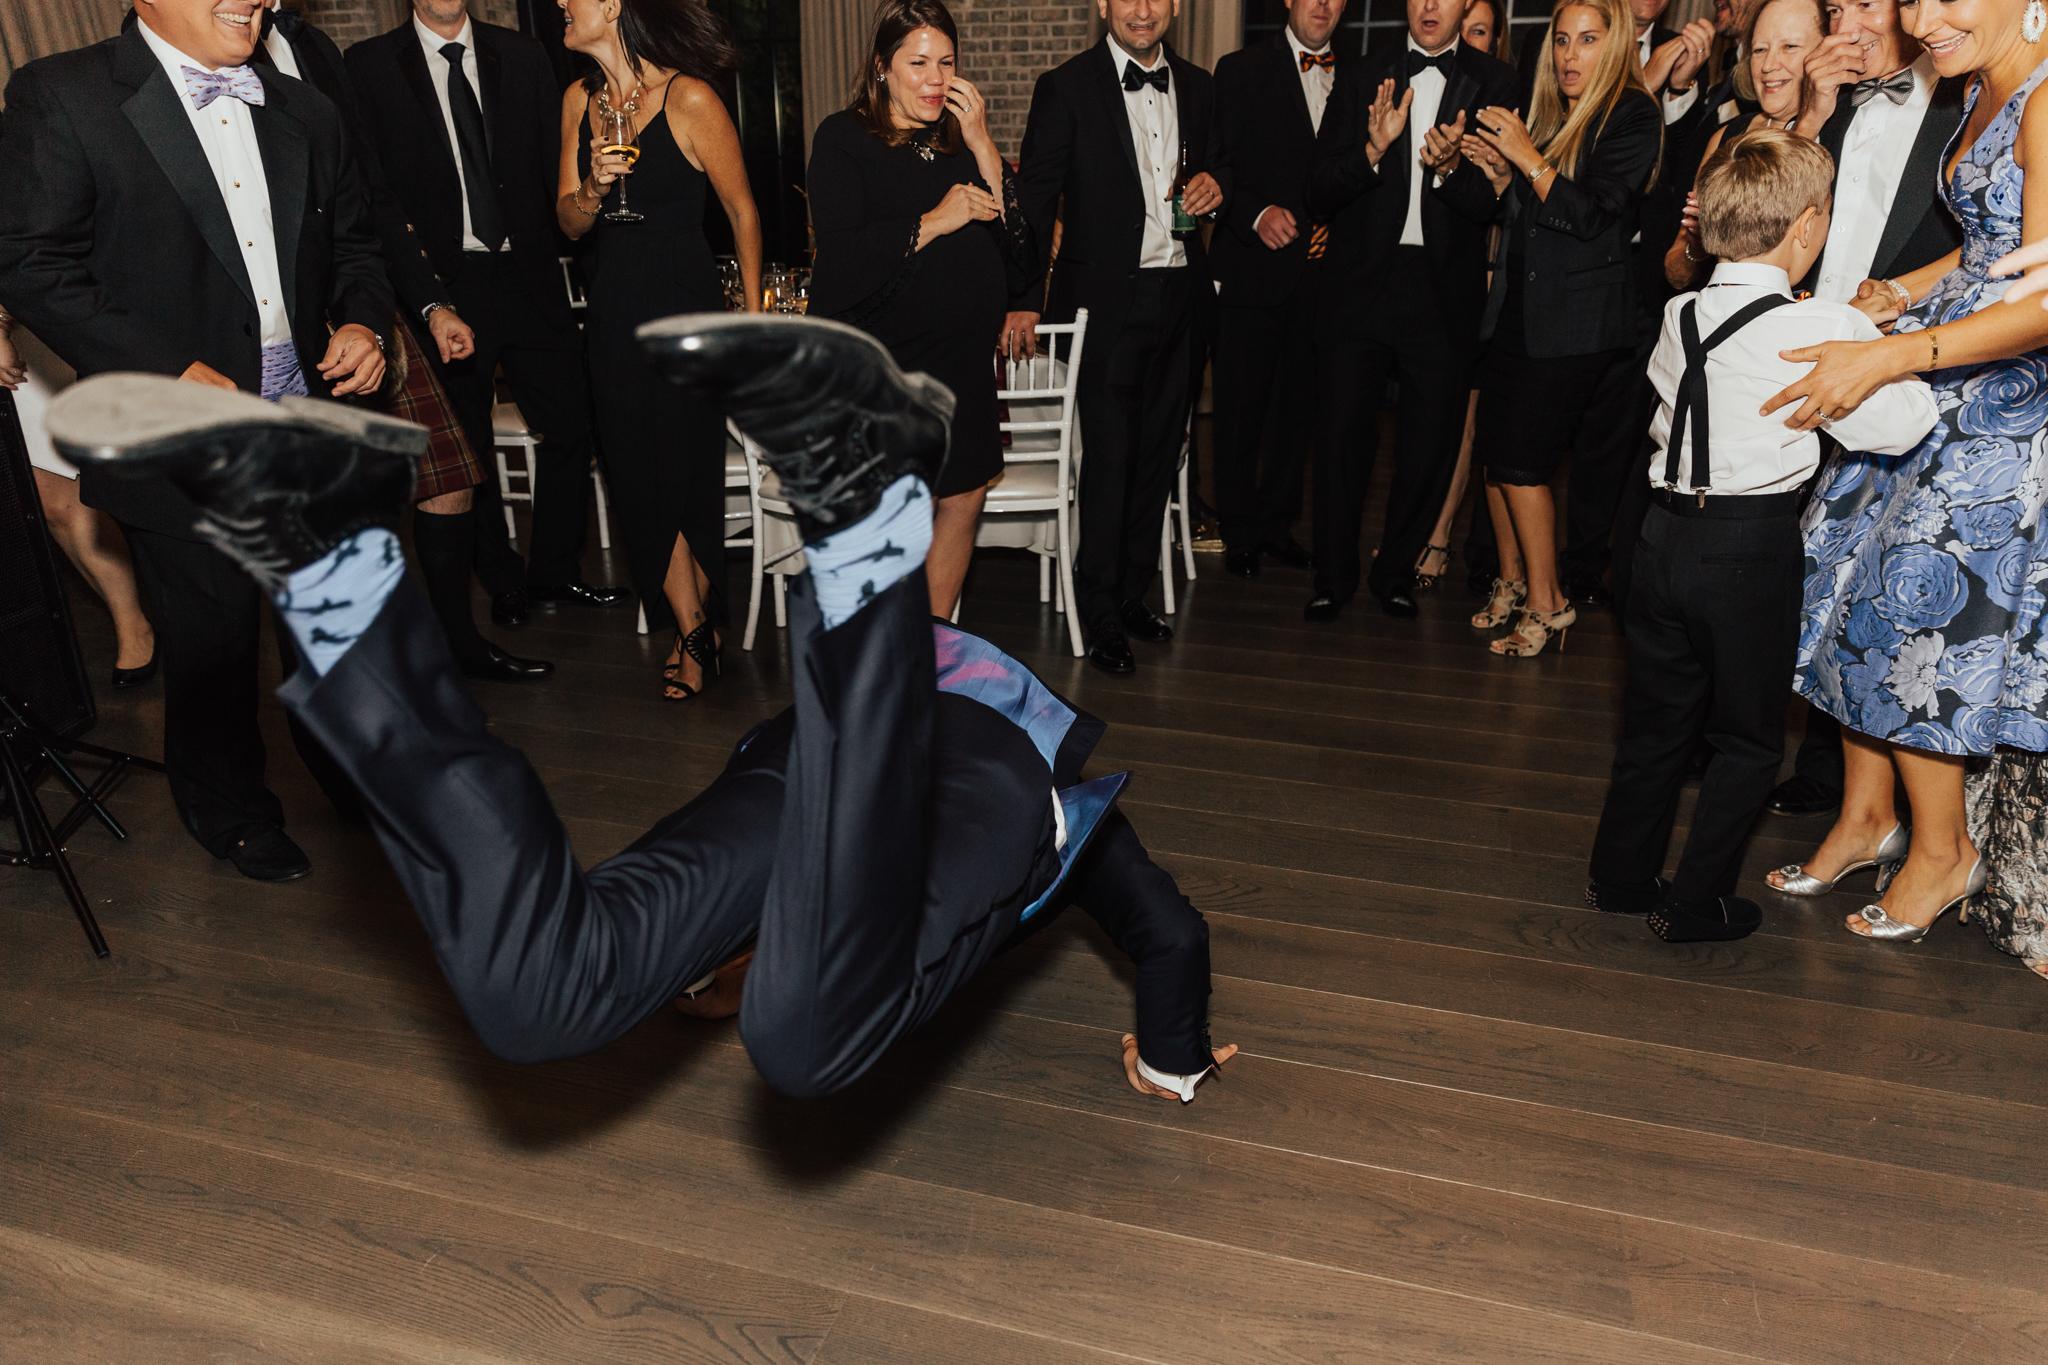 fun dancing wedding shots